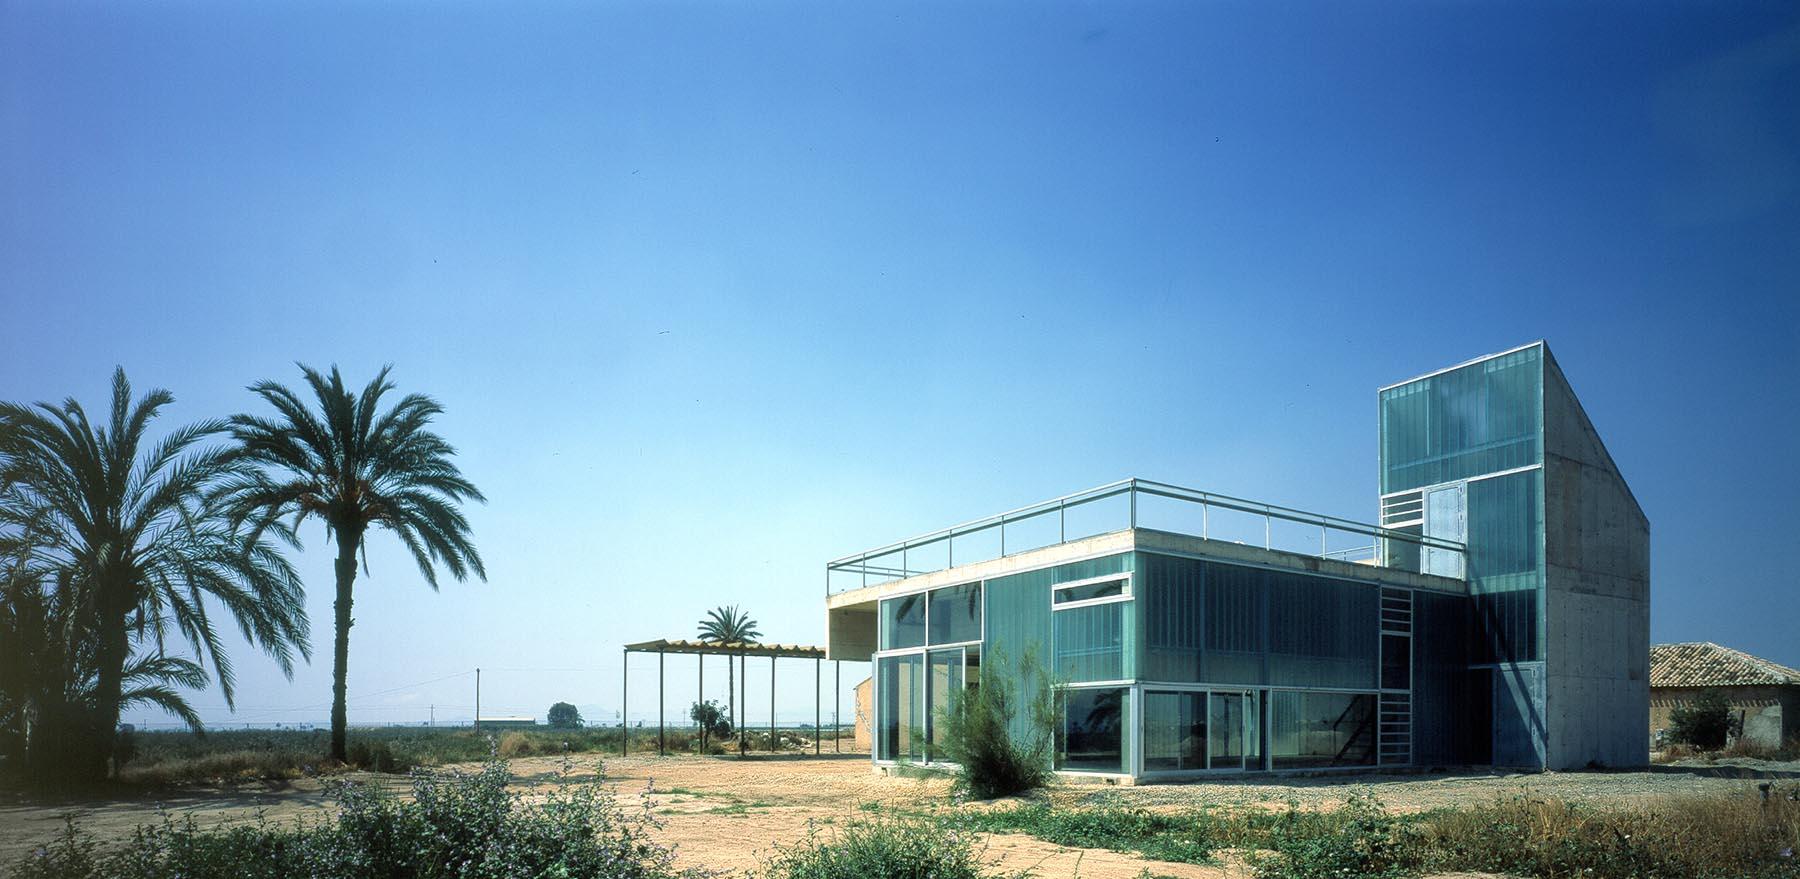 Martin lejarraga arquitecto centro de actividades rurales for Estudio de arquitectura en ingles